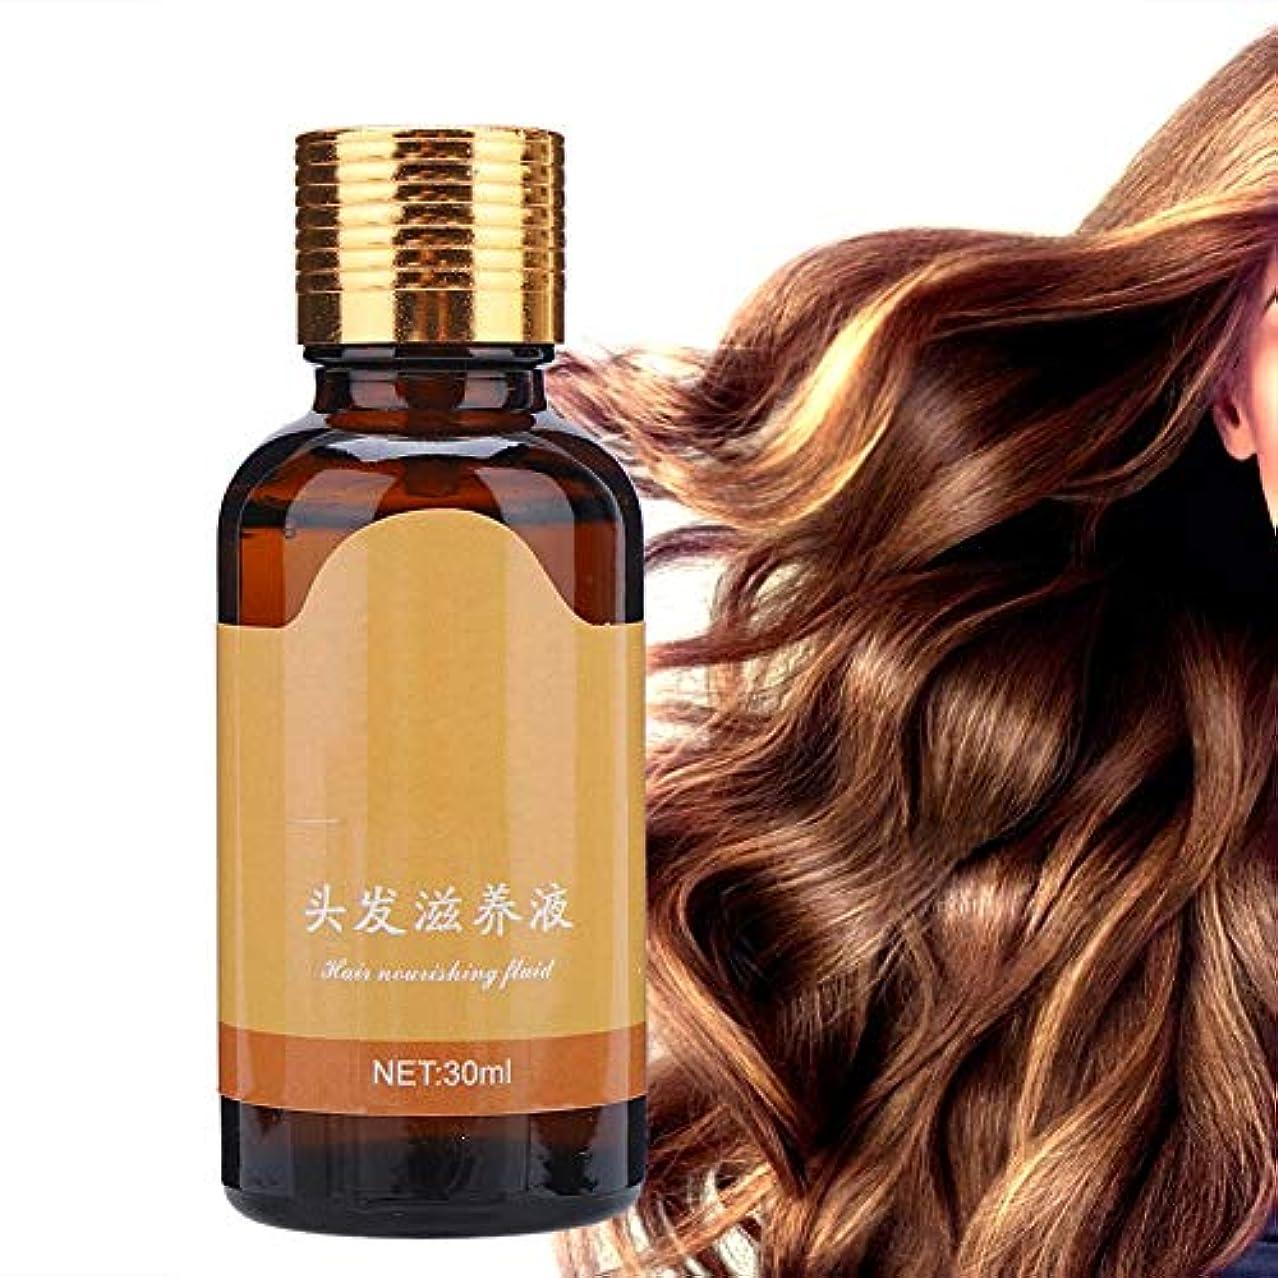 万歳ピンク細分化する髪に栄養を与えるリキッド、アンチ脱毛エッセンス髪に栄養を与える速い成長エッセンス脱毛トリートメントオイルコントロールリキッド30ml